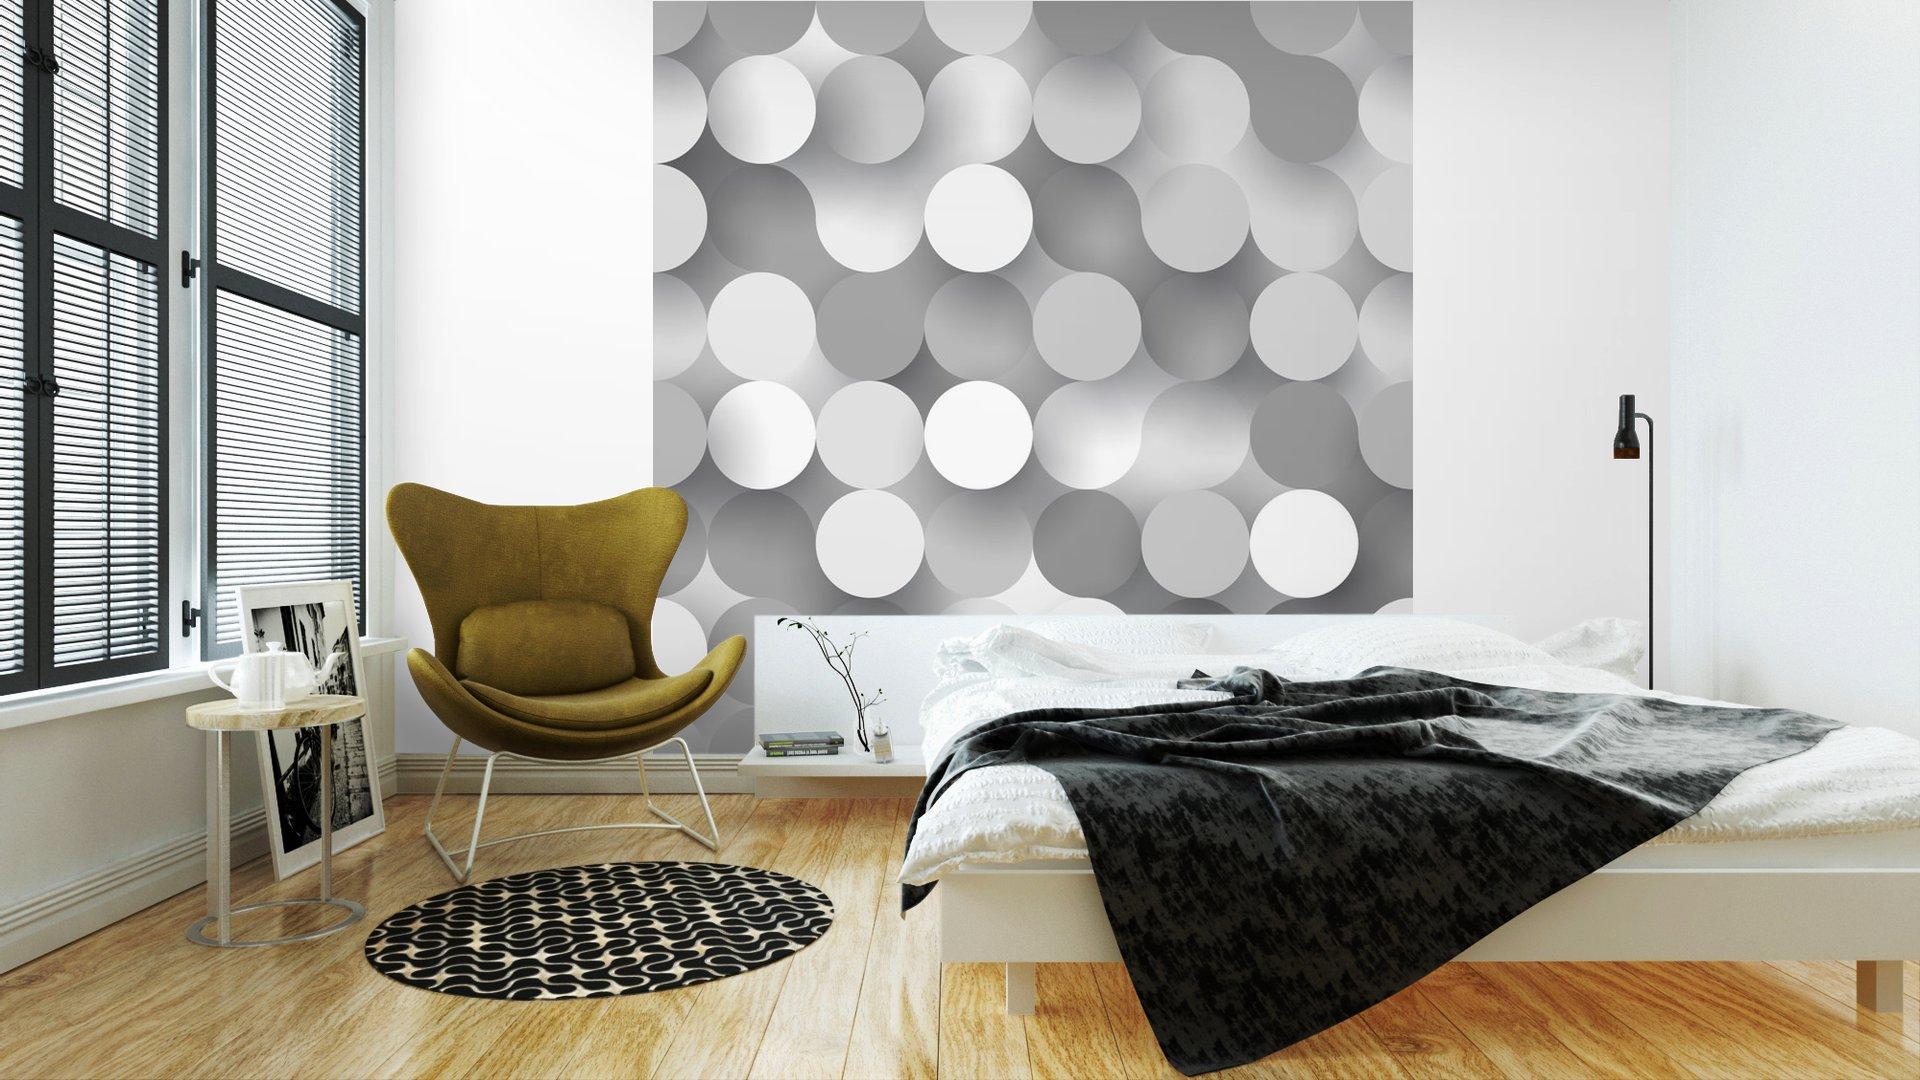 CÍRCULOS PLANAS SIN COSTURA2 - Fotomural Tapiz Tipo Abstracto Fondo Blanco